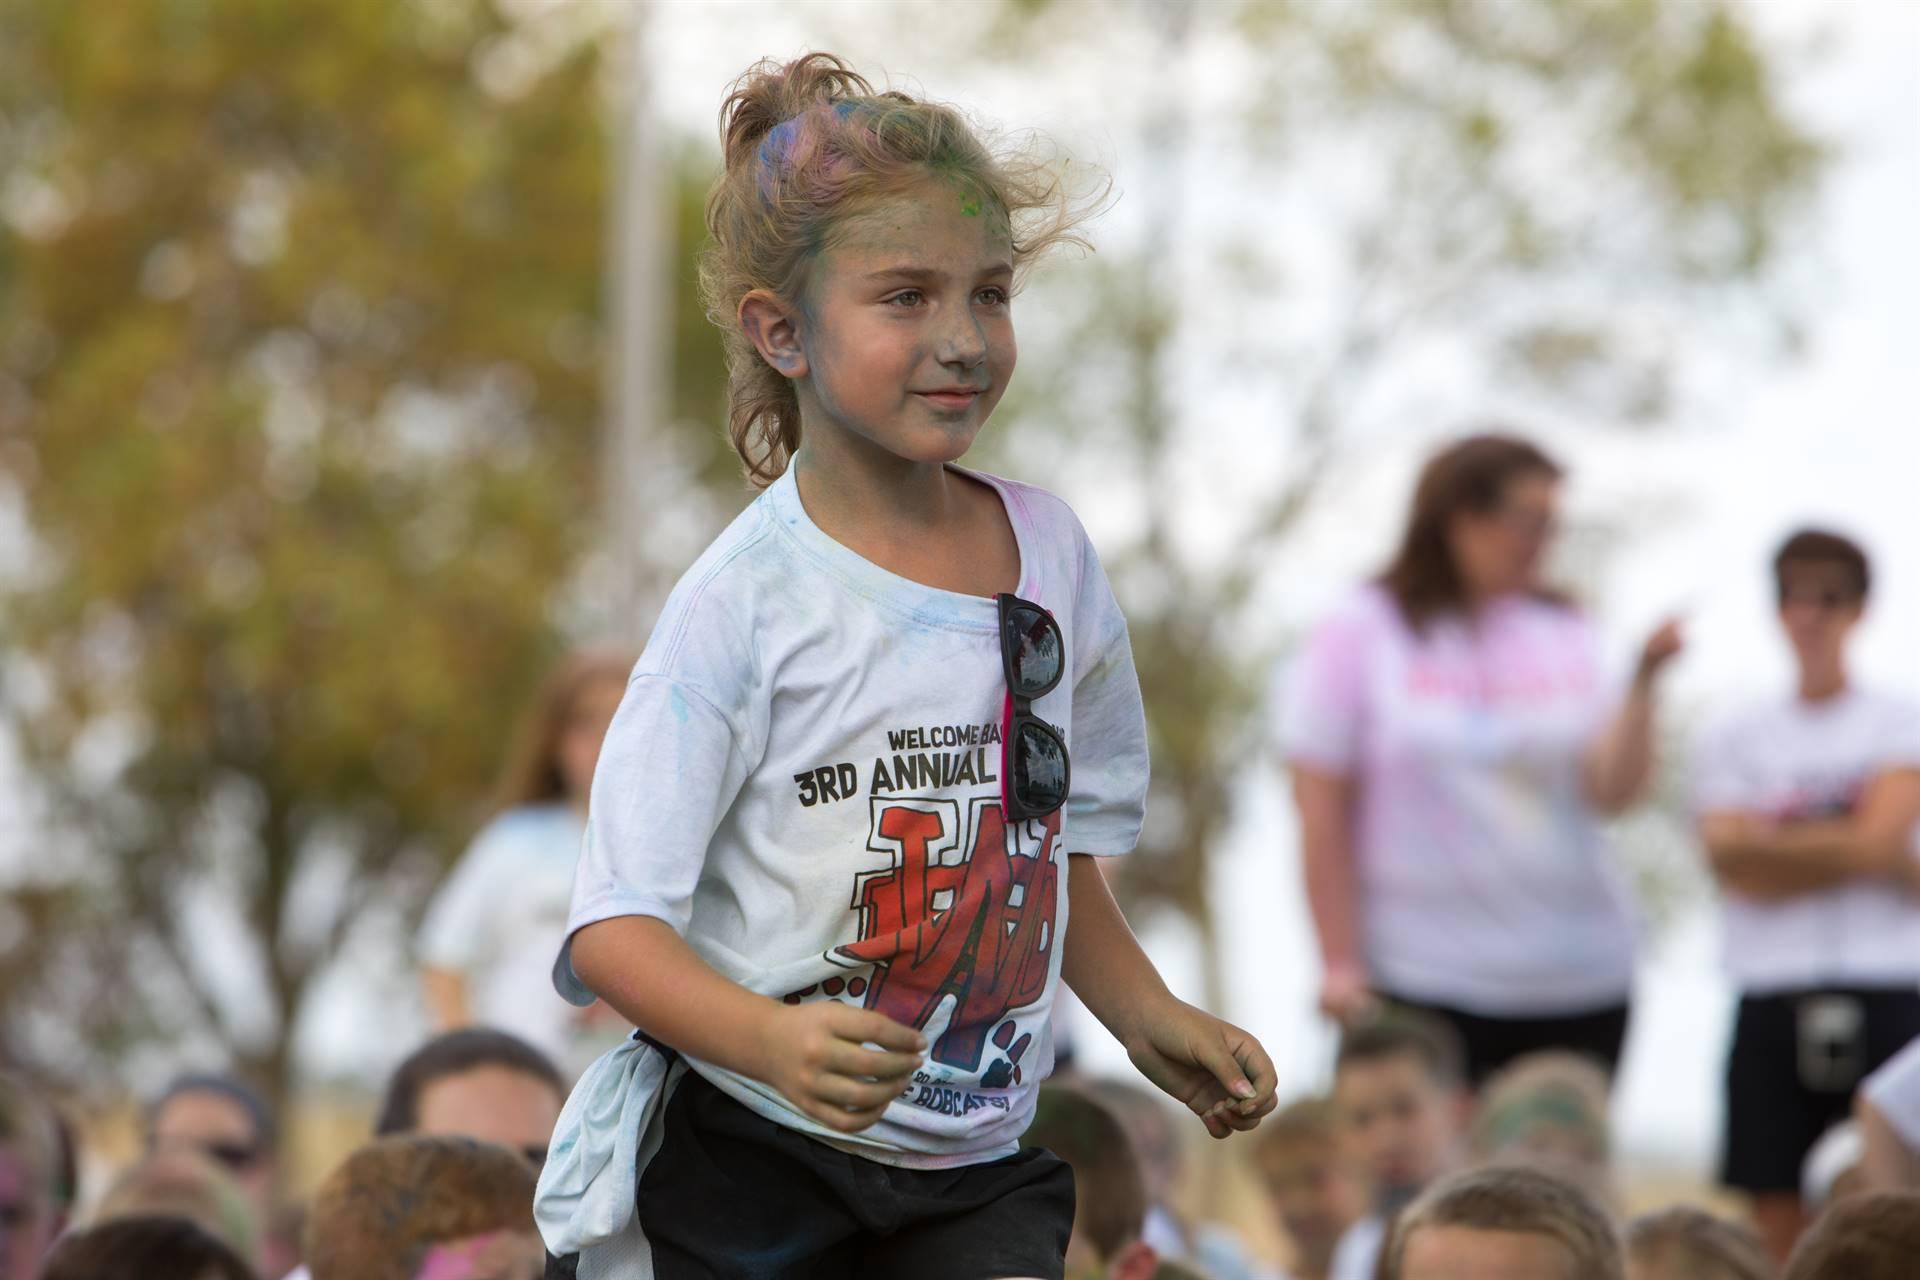 Girl 2 at color run